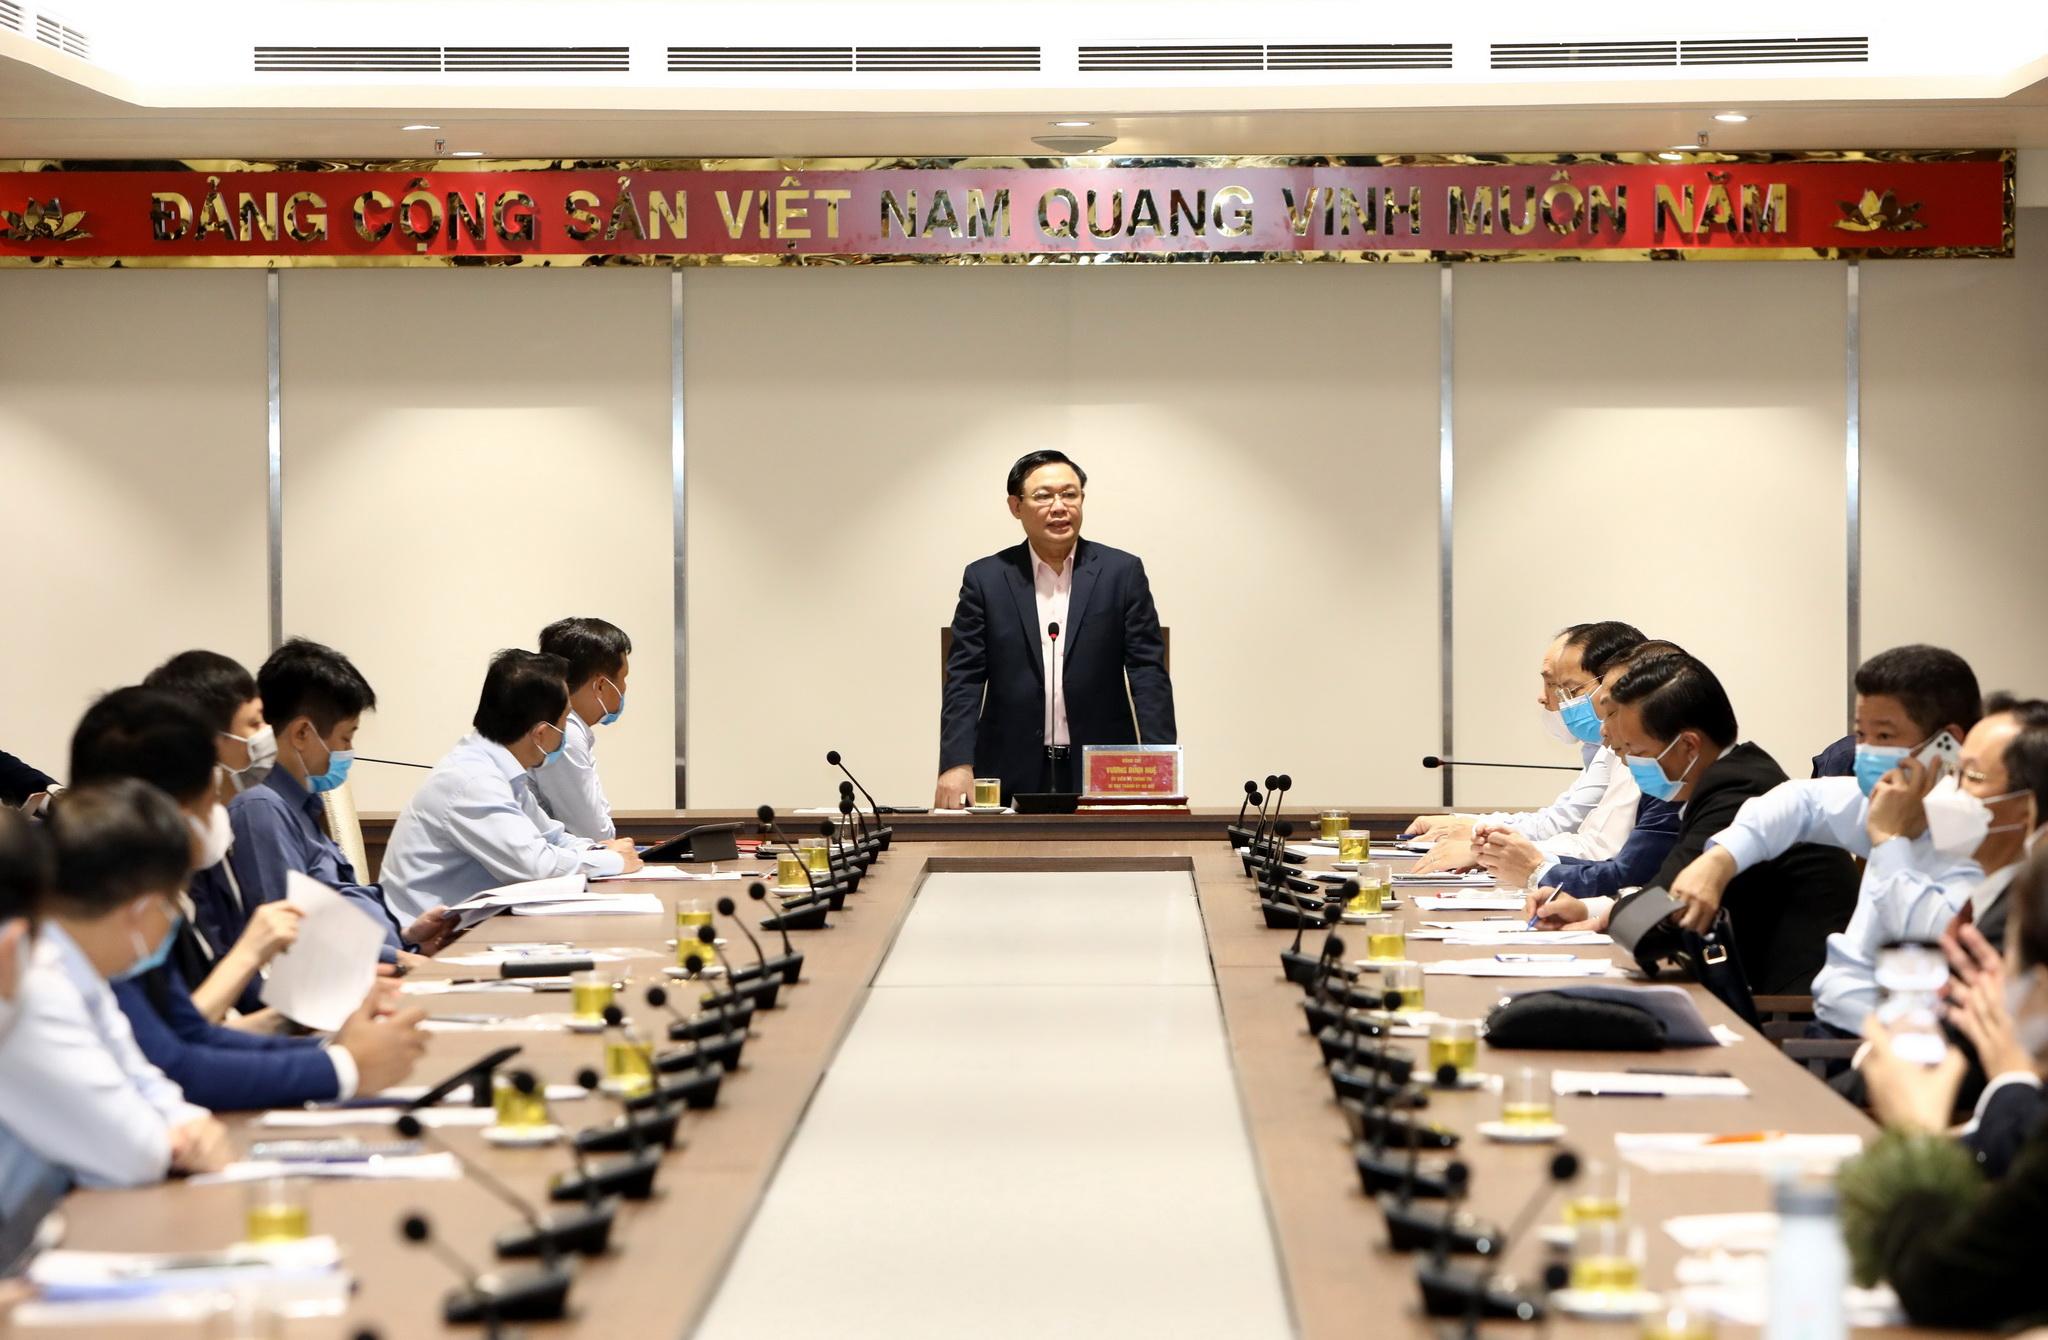 Bí thư Thành ủy Hà Nội Vương Đình Huệ bàn giải pháp tháo gỡ khó khăn cho các  doanh nghiệp của Thủ đô. (Nguồn: TTXVN)